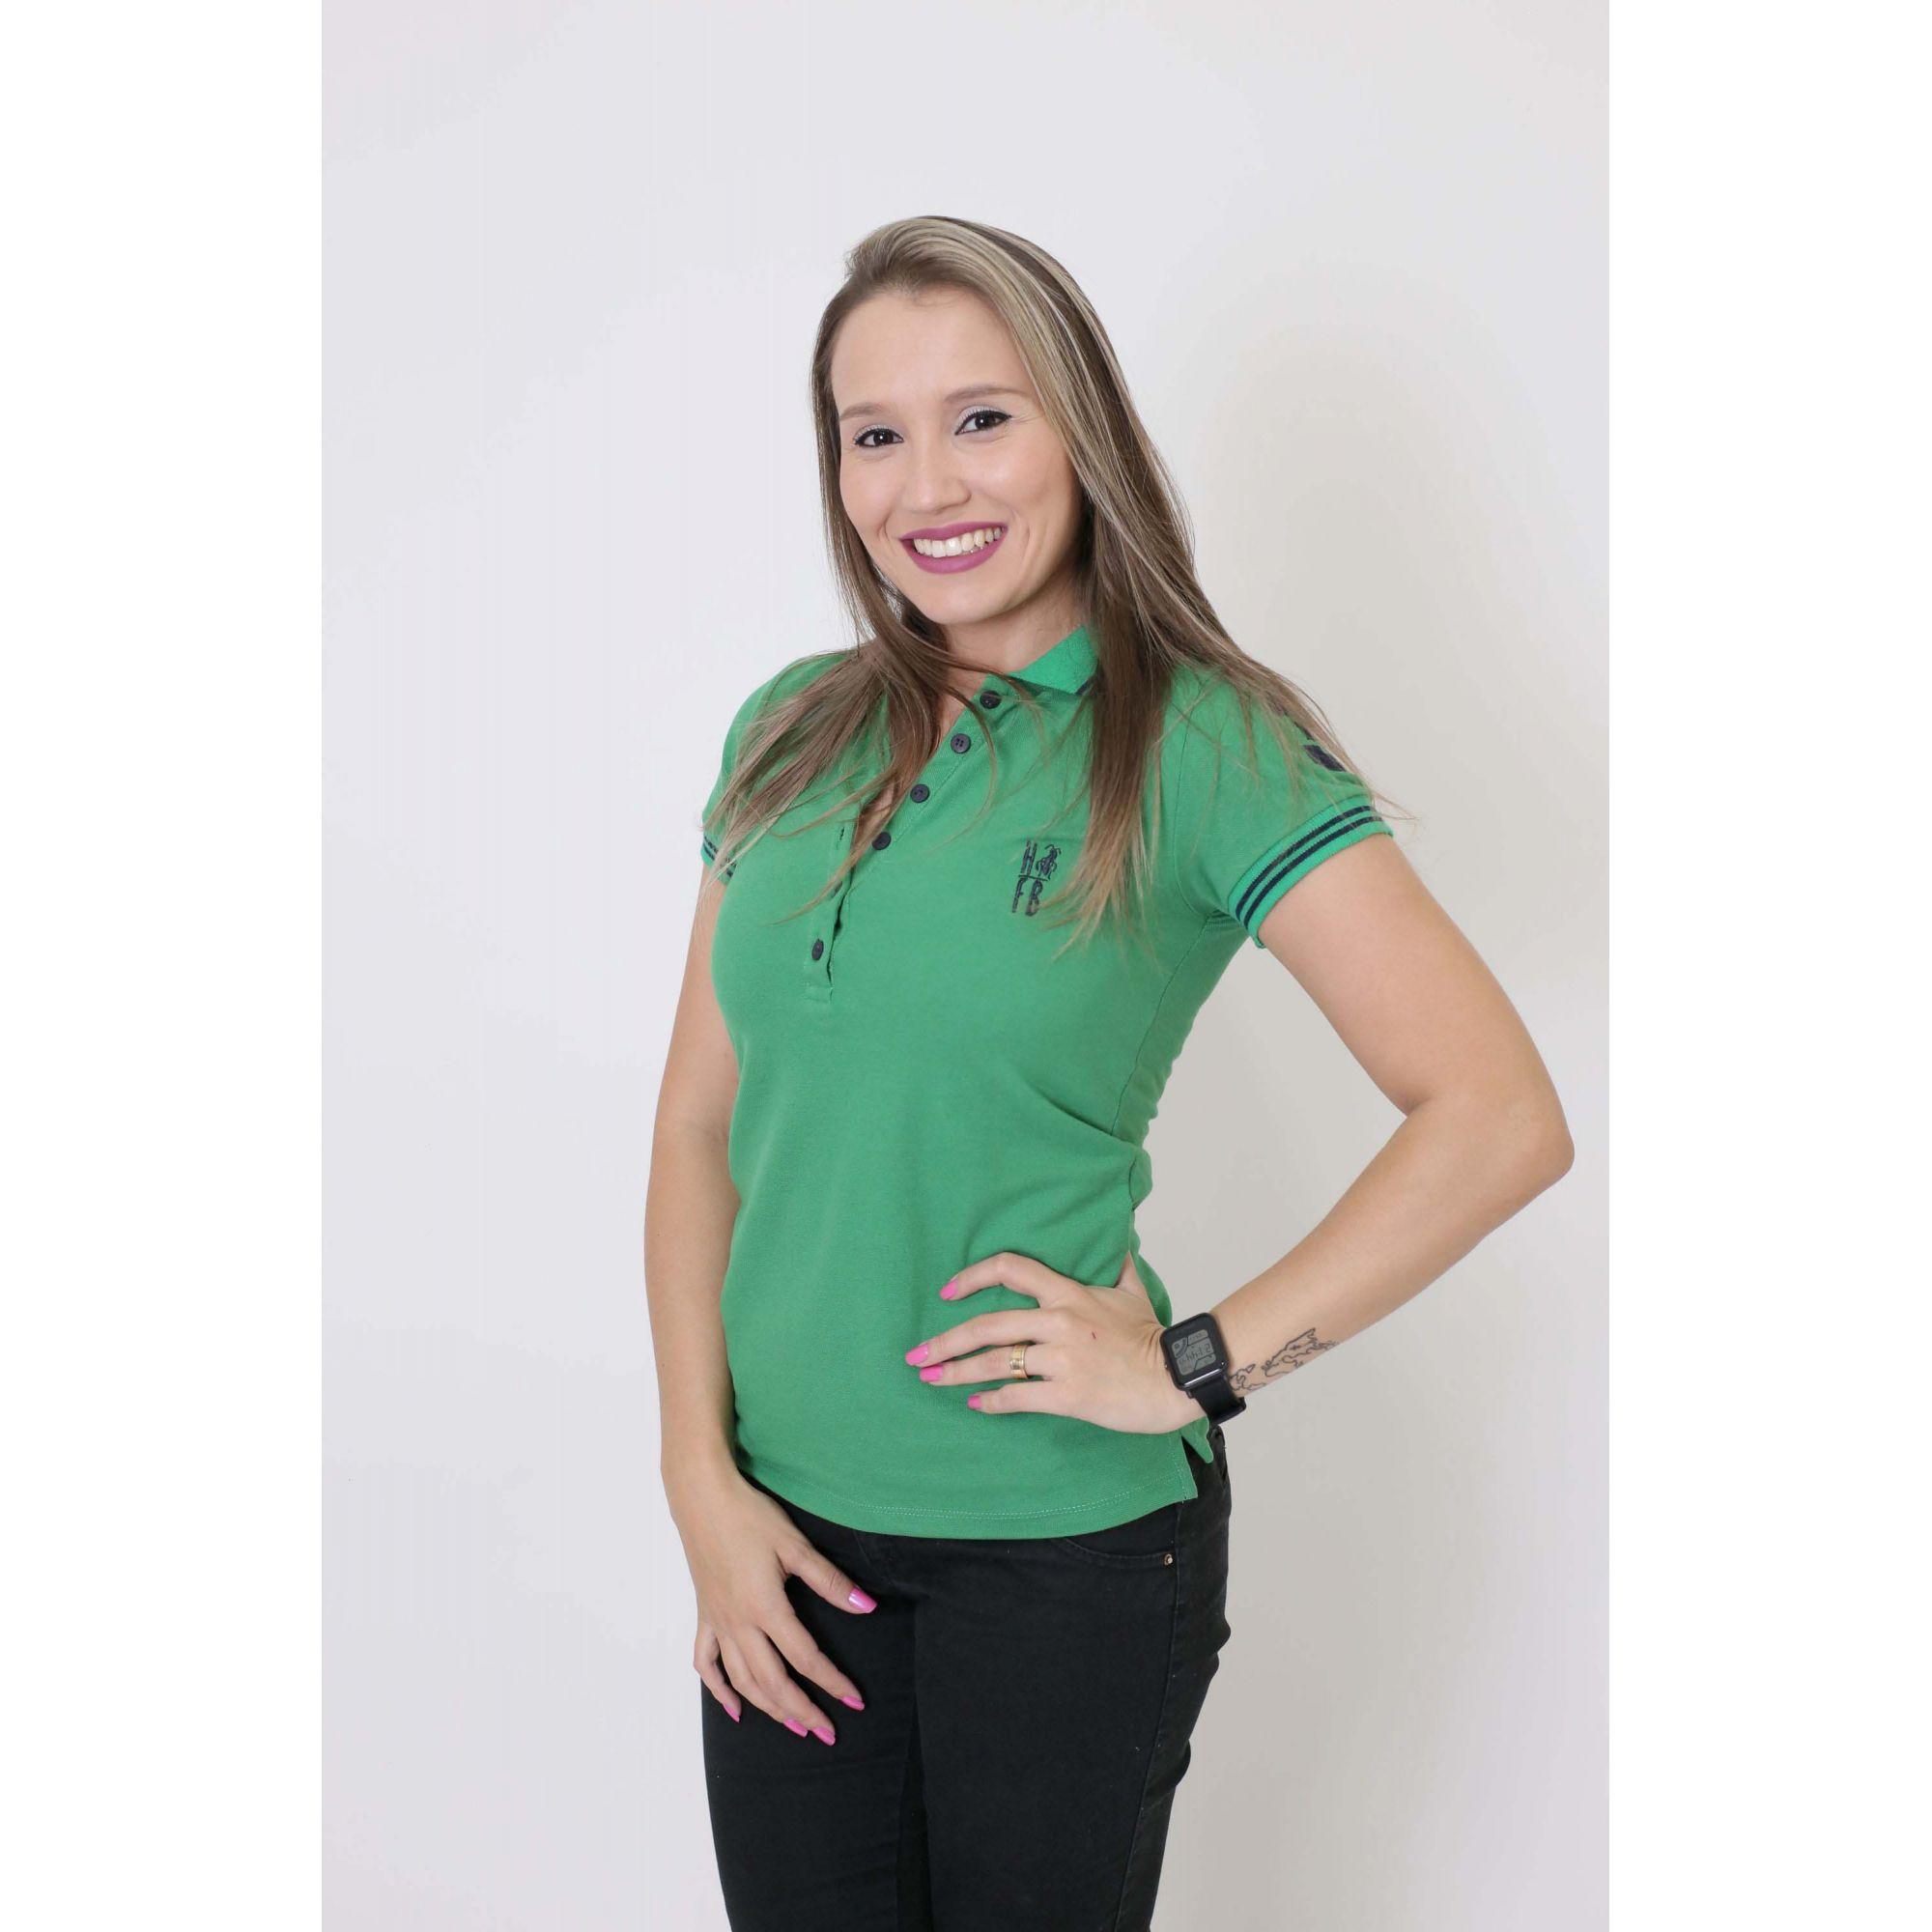 MÃE E FILHO > Kit 02 Peças - Camisas ou Body Polo Verde Esperança [Coleção Tal Mãe Tal Filho]  - Heitor Fashion Brazil